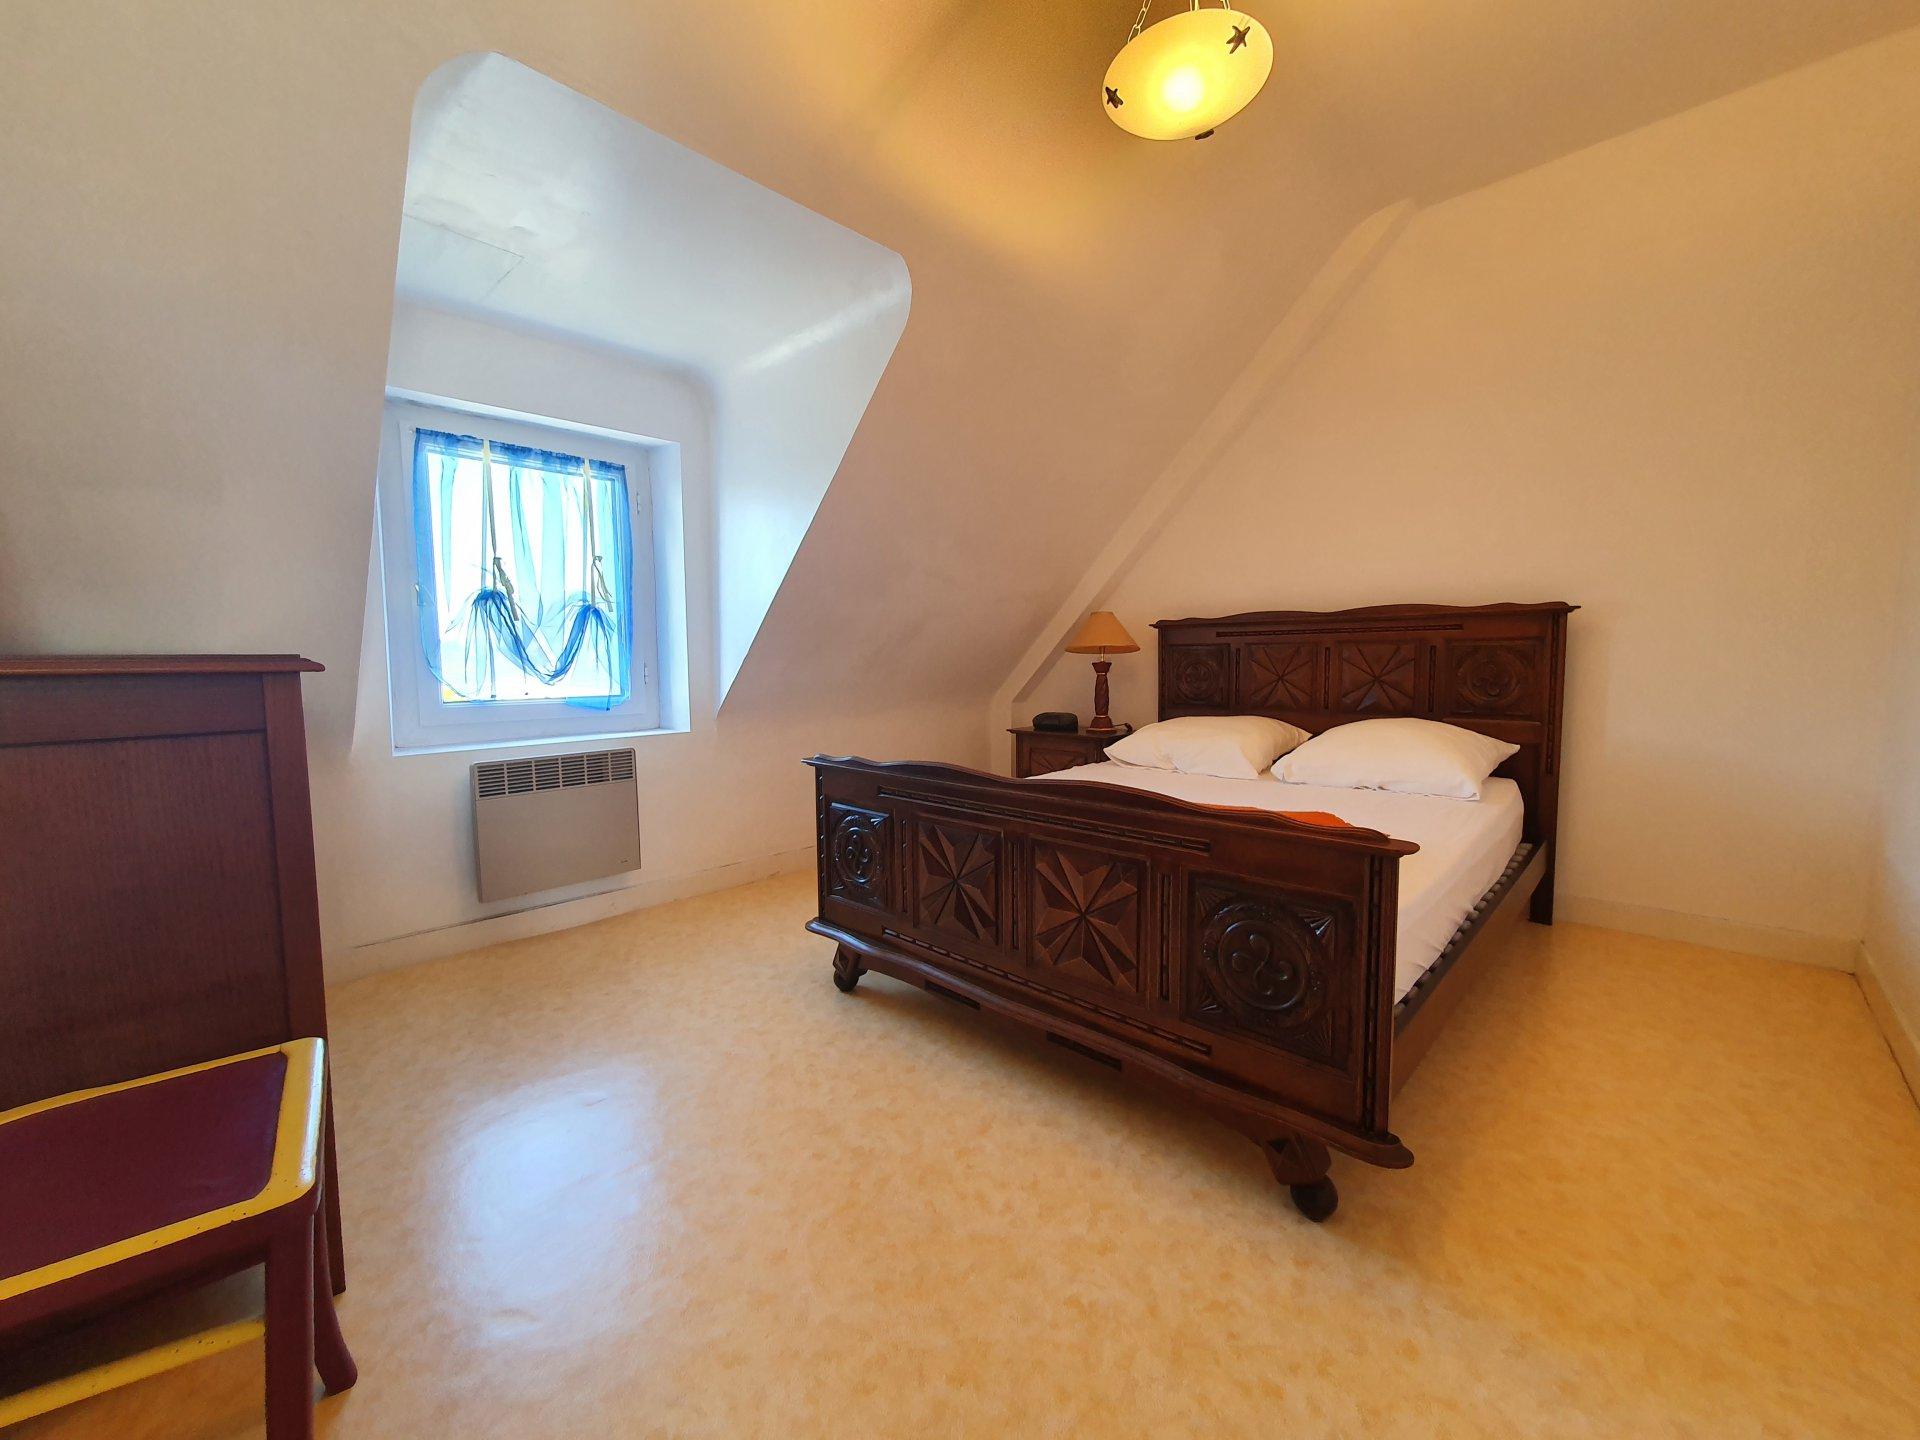 Maison à louer à Damgan Maison de vacances située à 250m de la plage